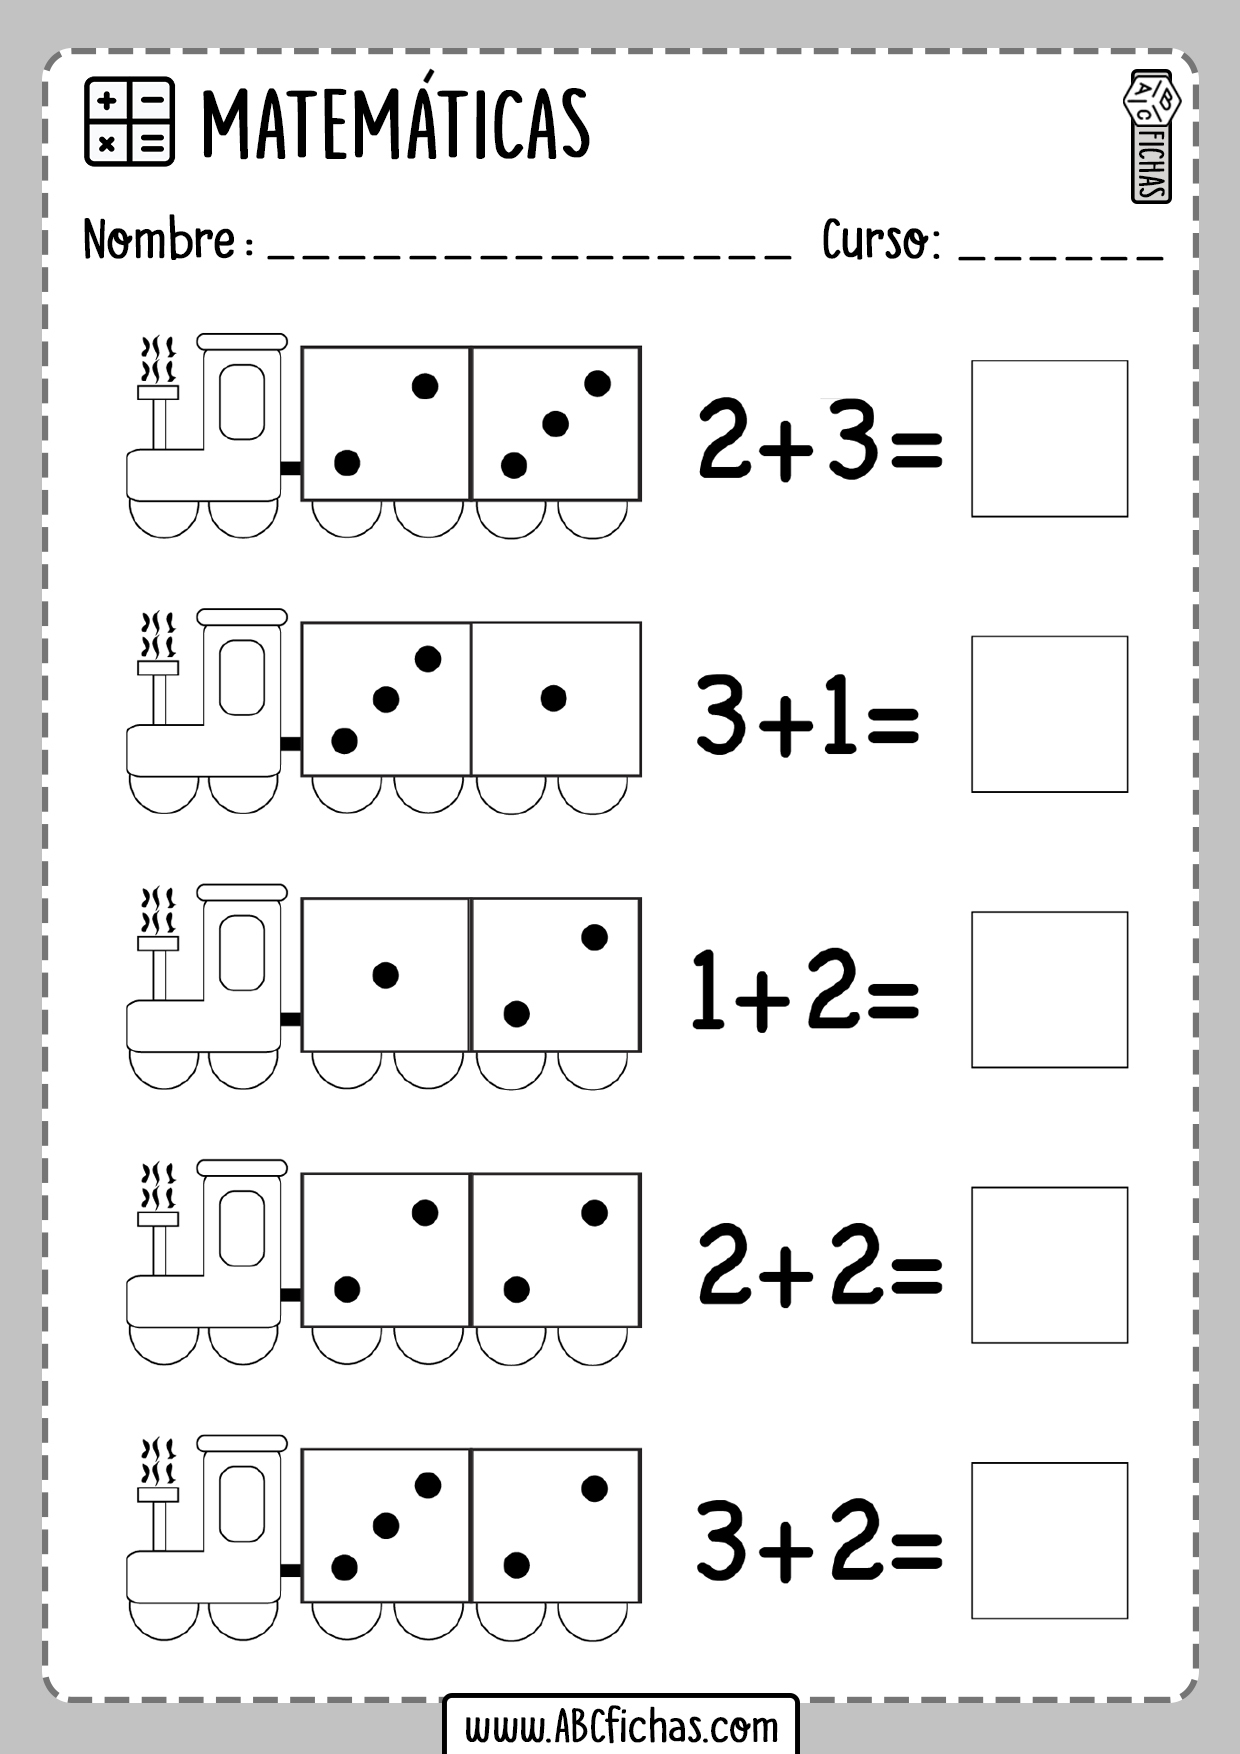 Ejercicios de sumas con dibujos